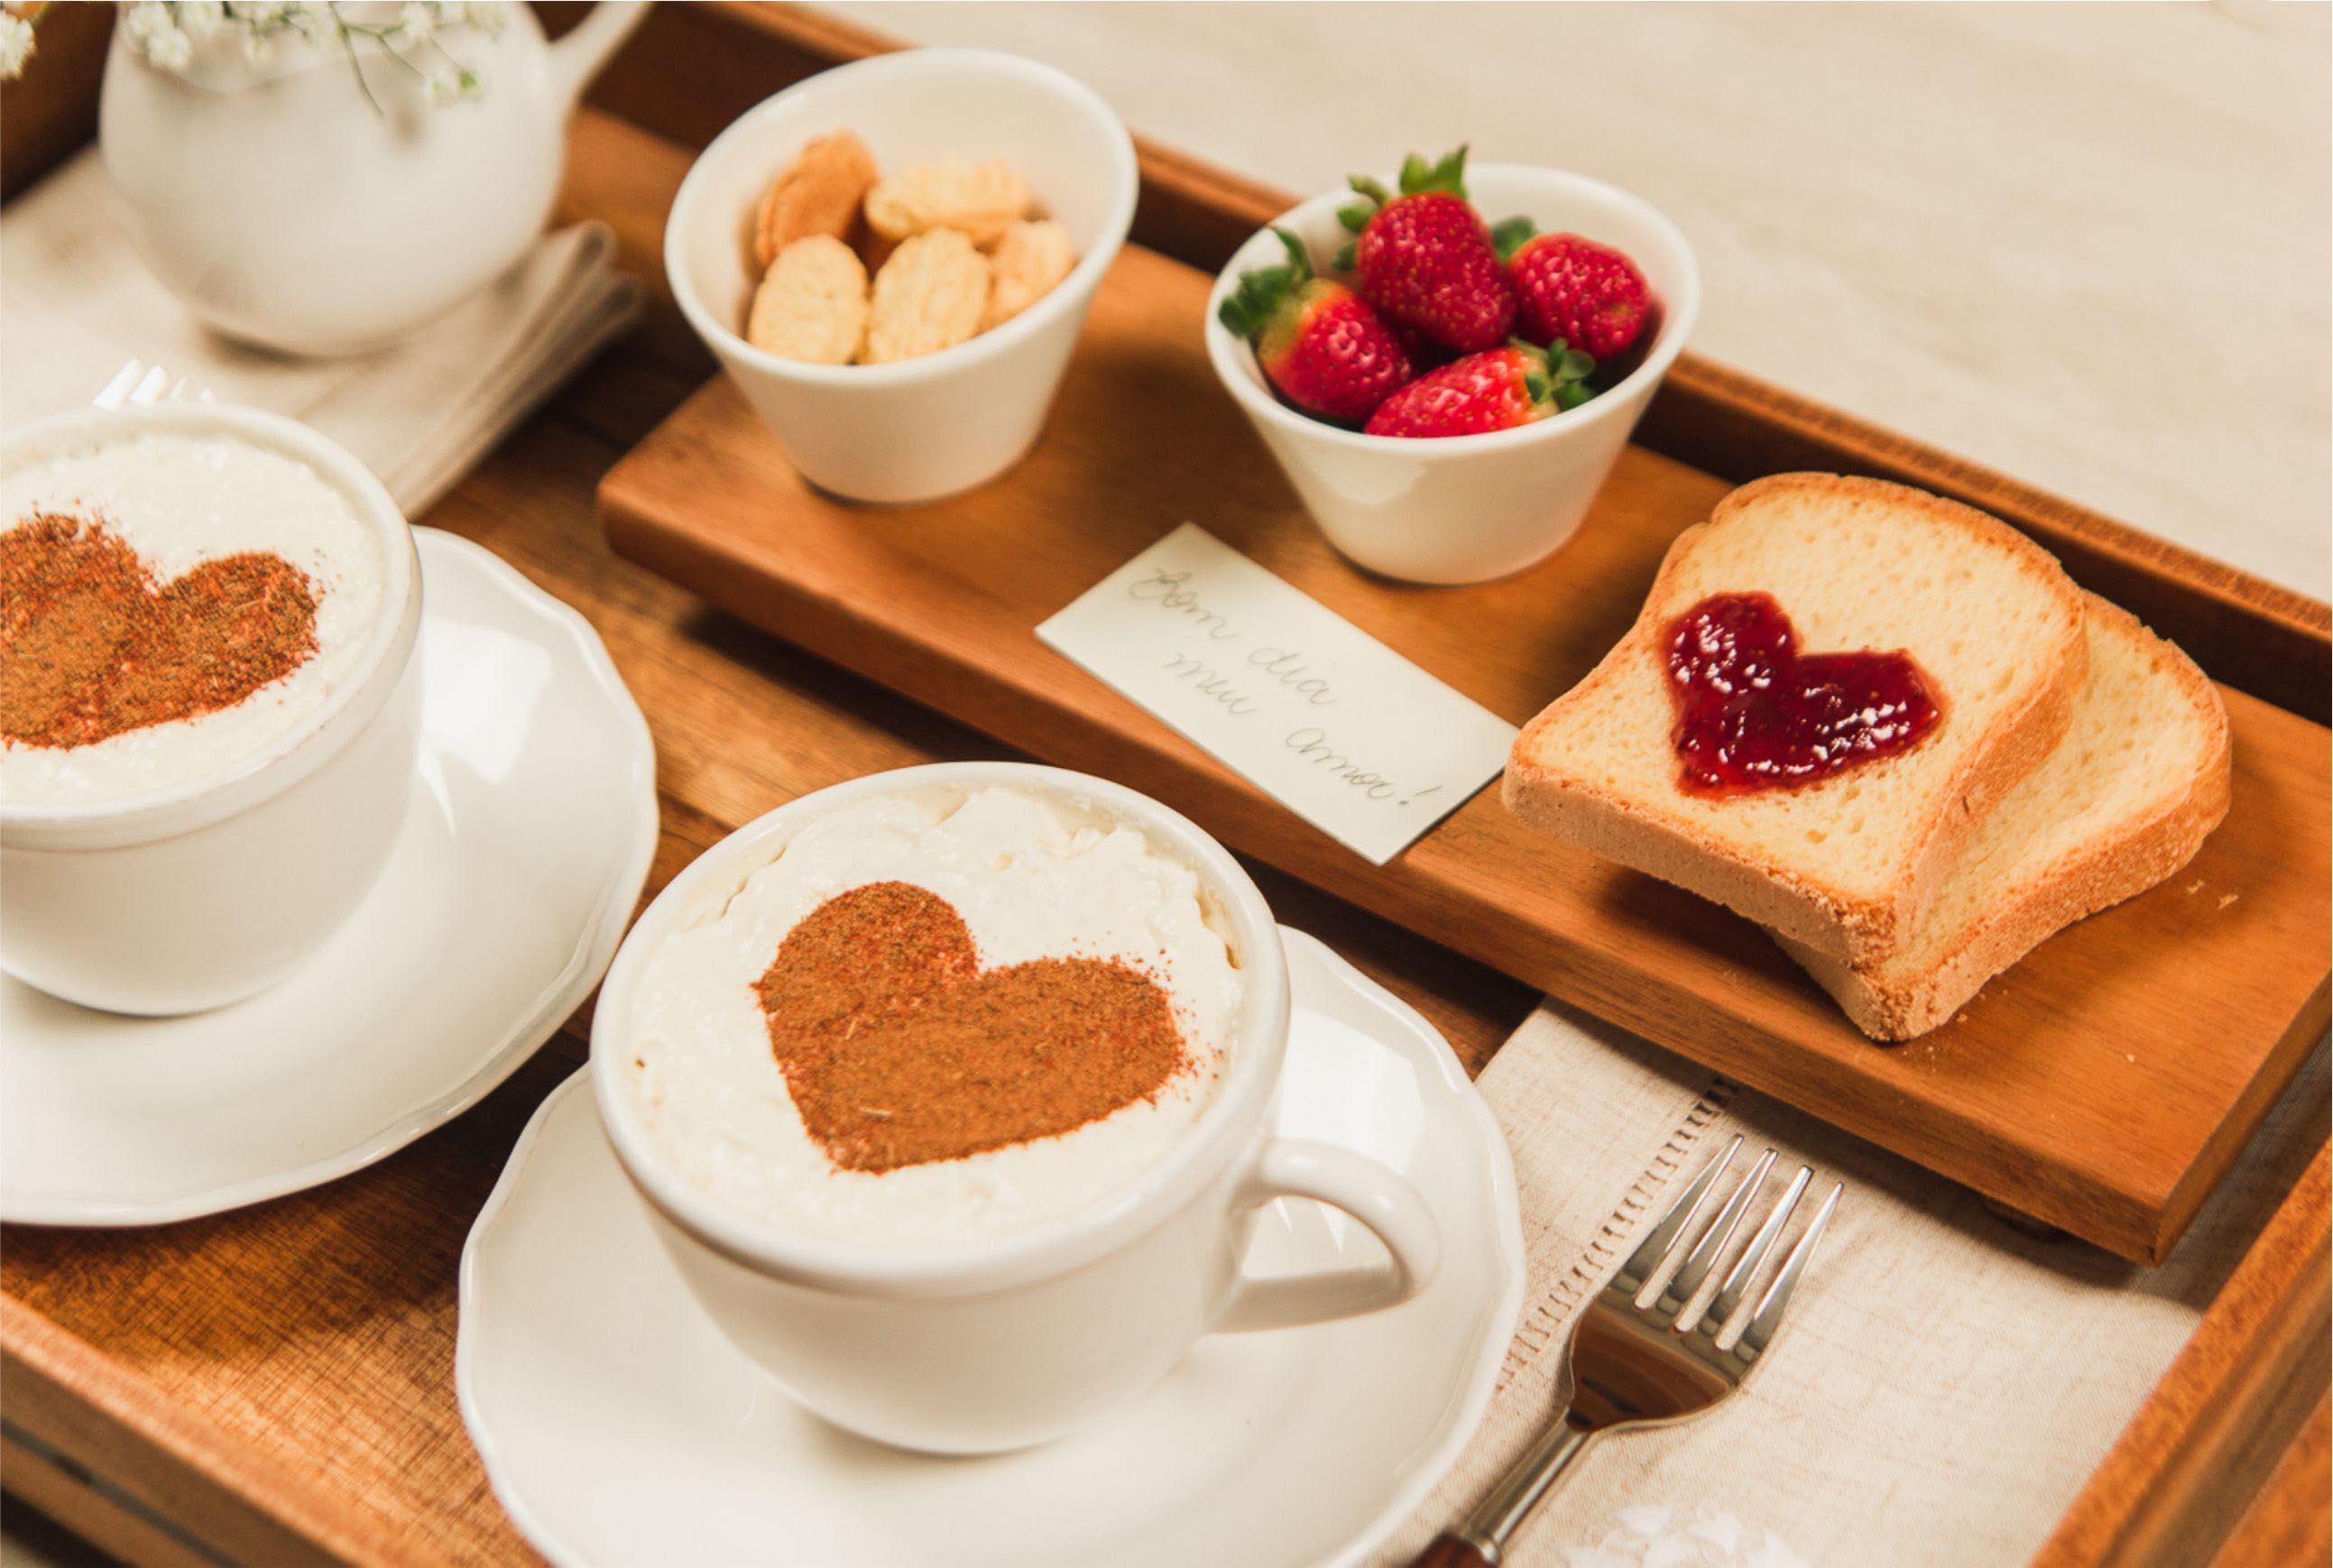 decorando a bandeja de café da manhã copaecia2 - آیا می خواهید بدون جشن تولد همسر خود را سورپرایز کنیم؟